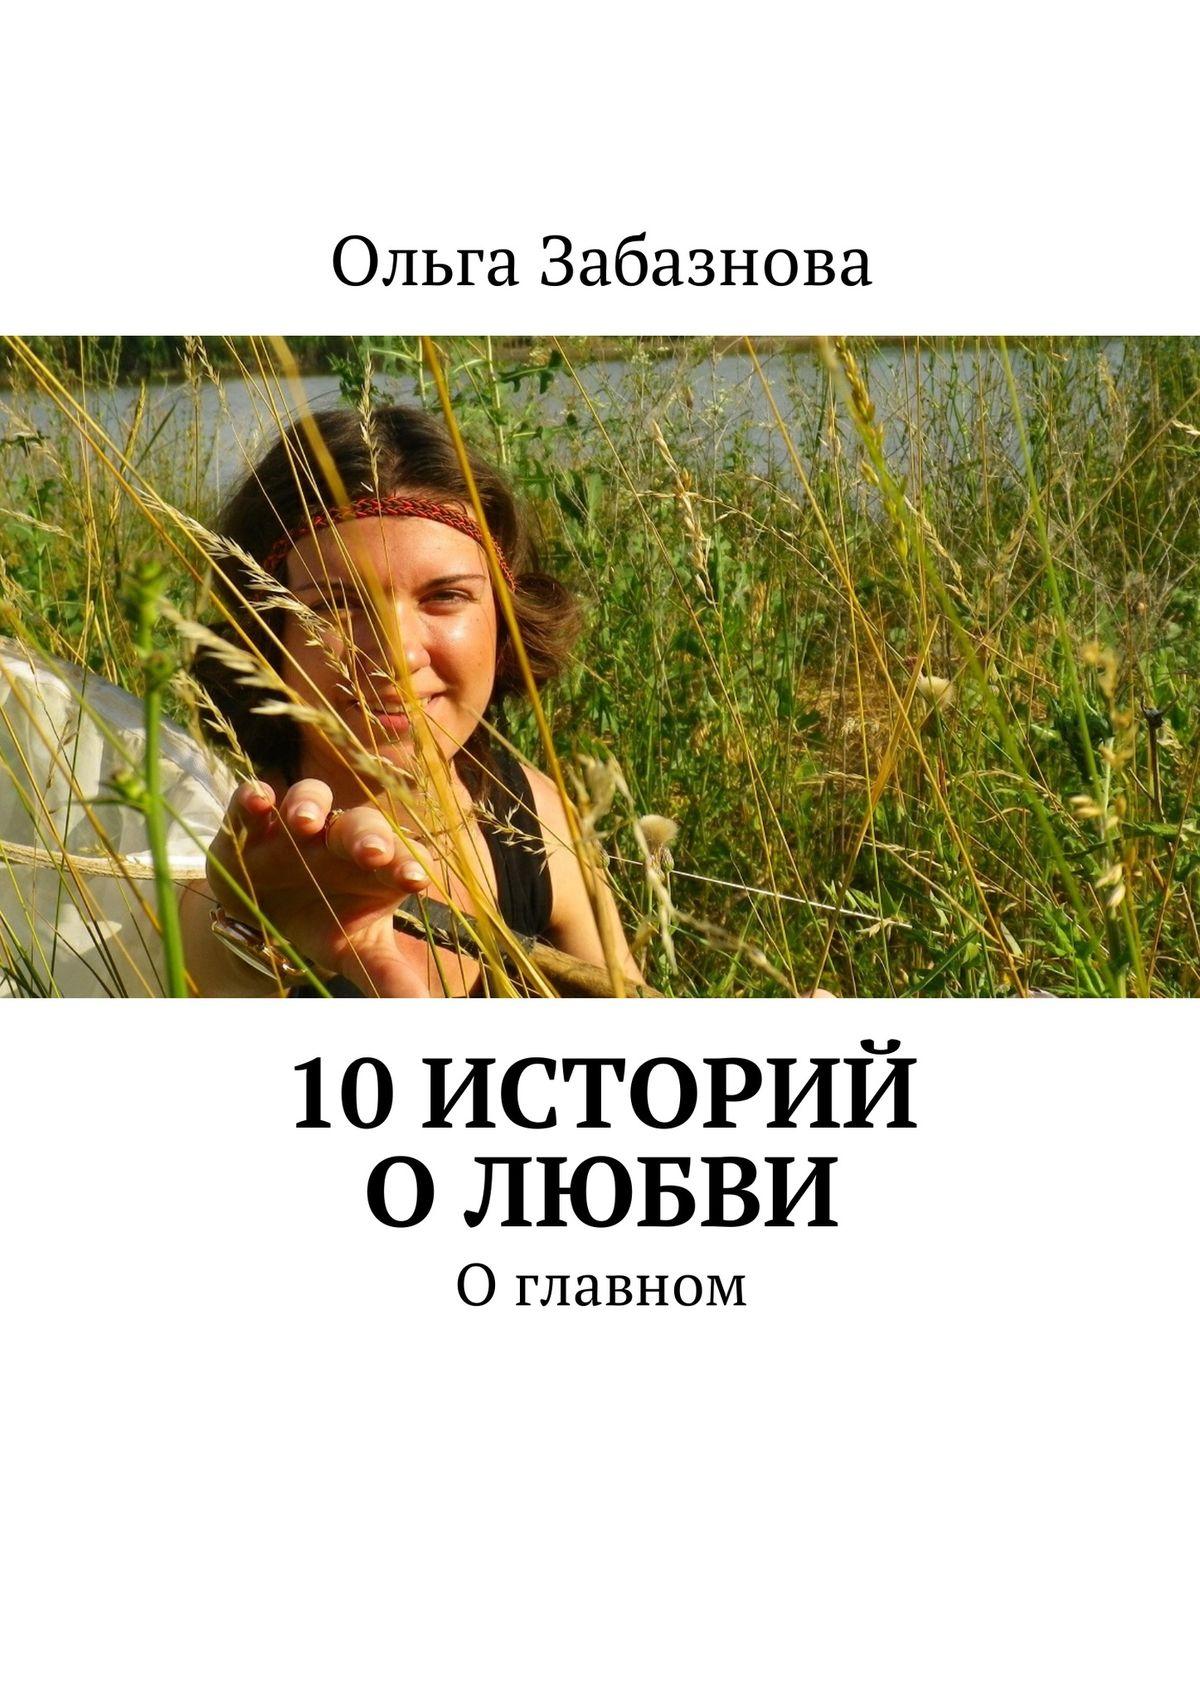 Ольга Забазнова 10 историй о любви. О главном евгения шагурова 10 красивых историй о любви